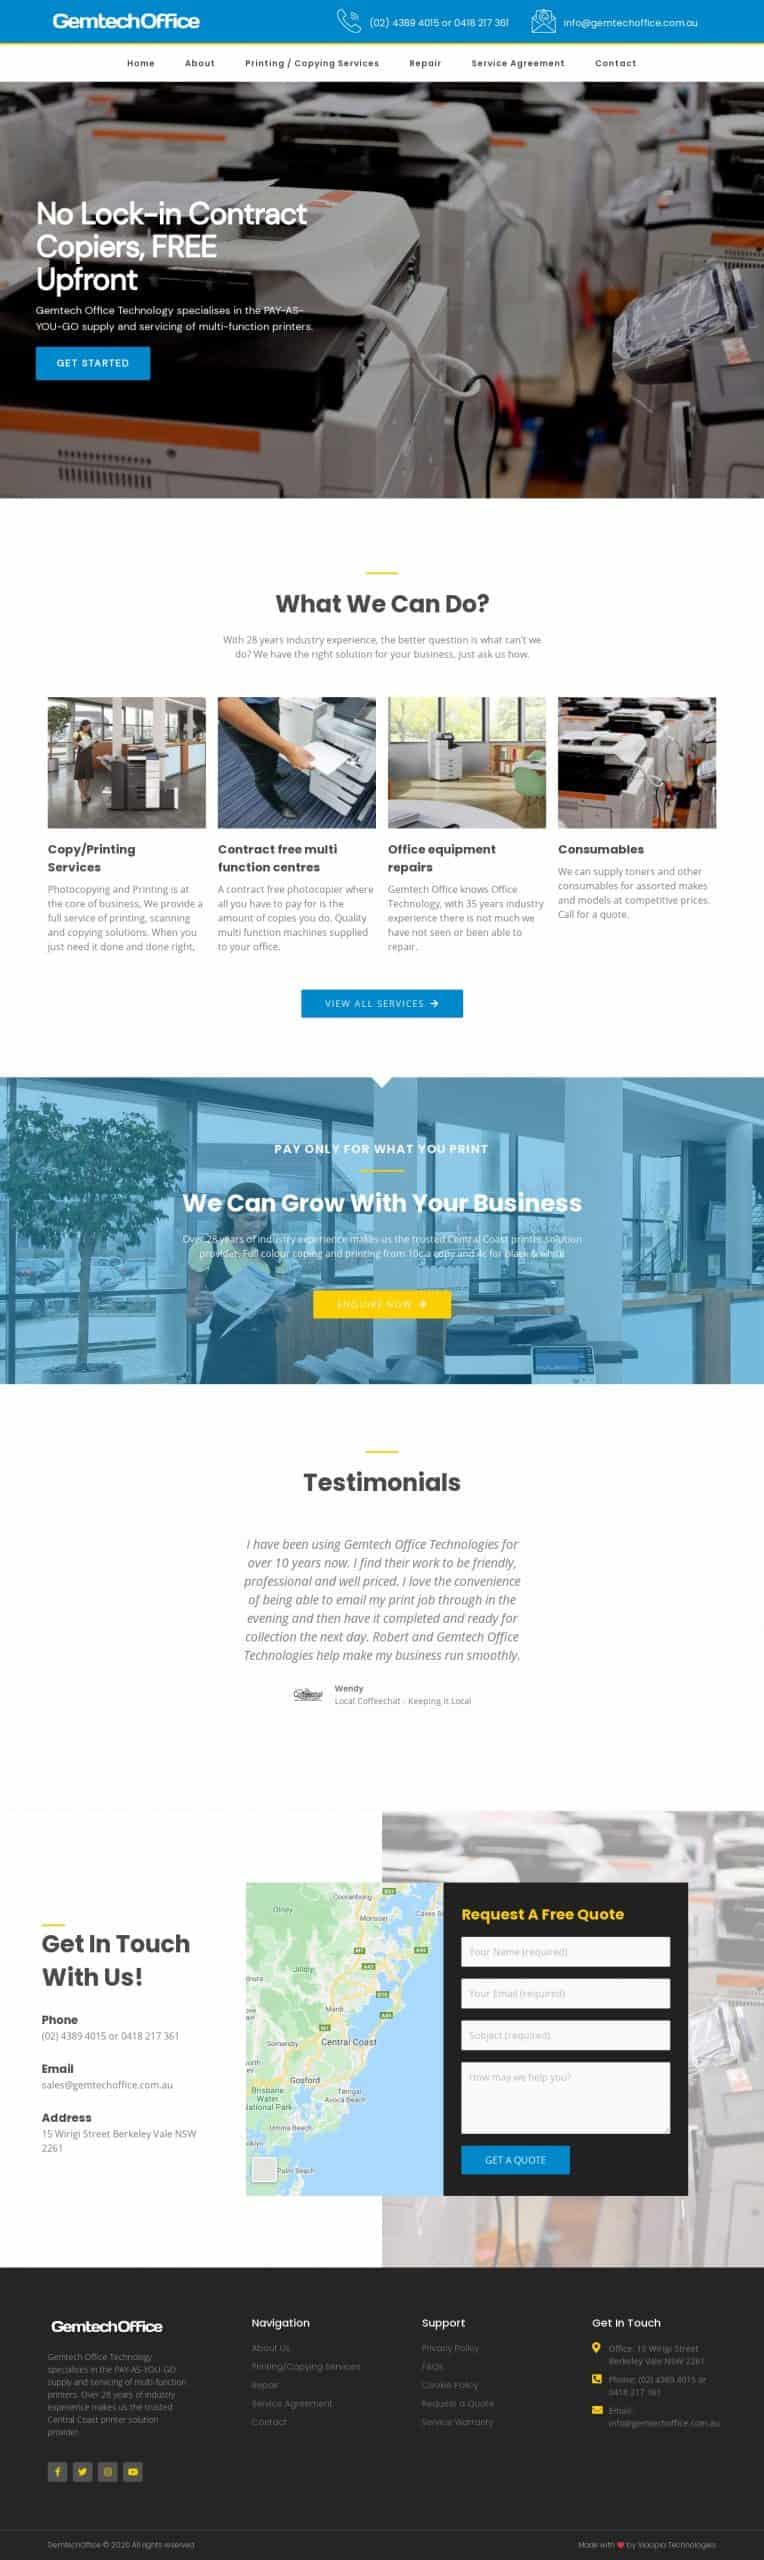 gemtechoffice.com .au scaled